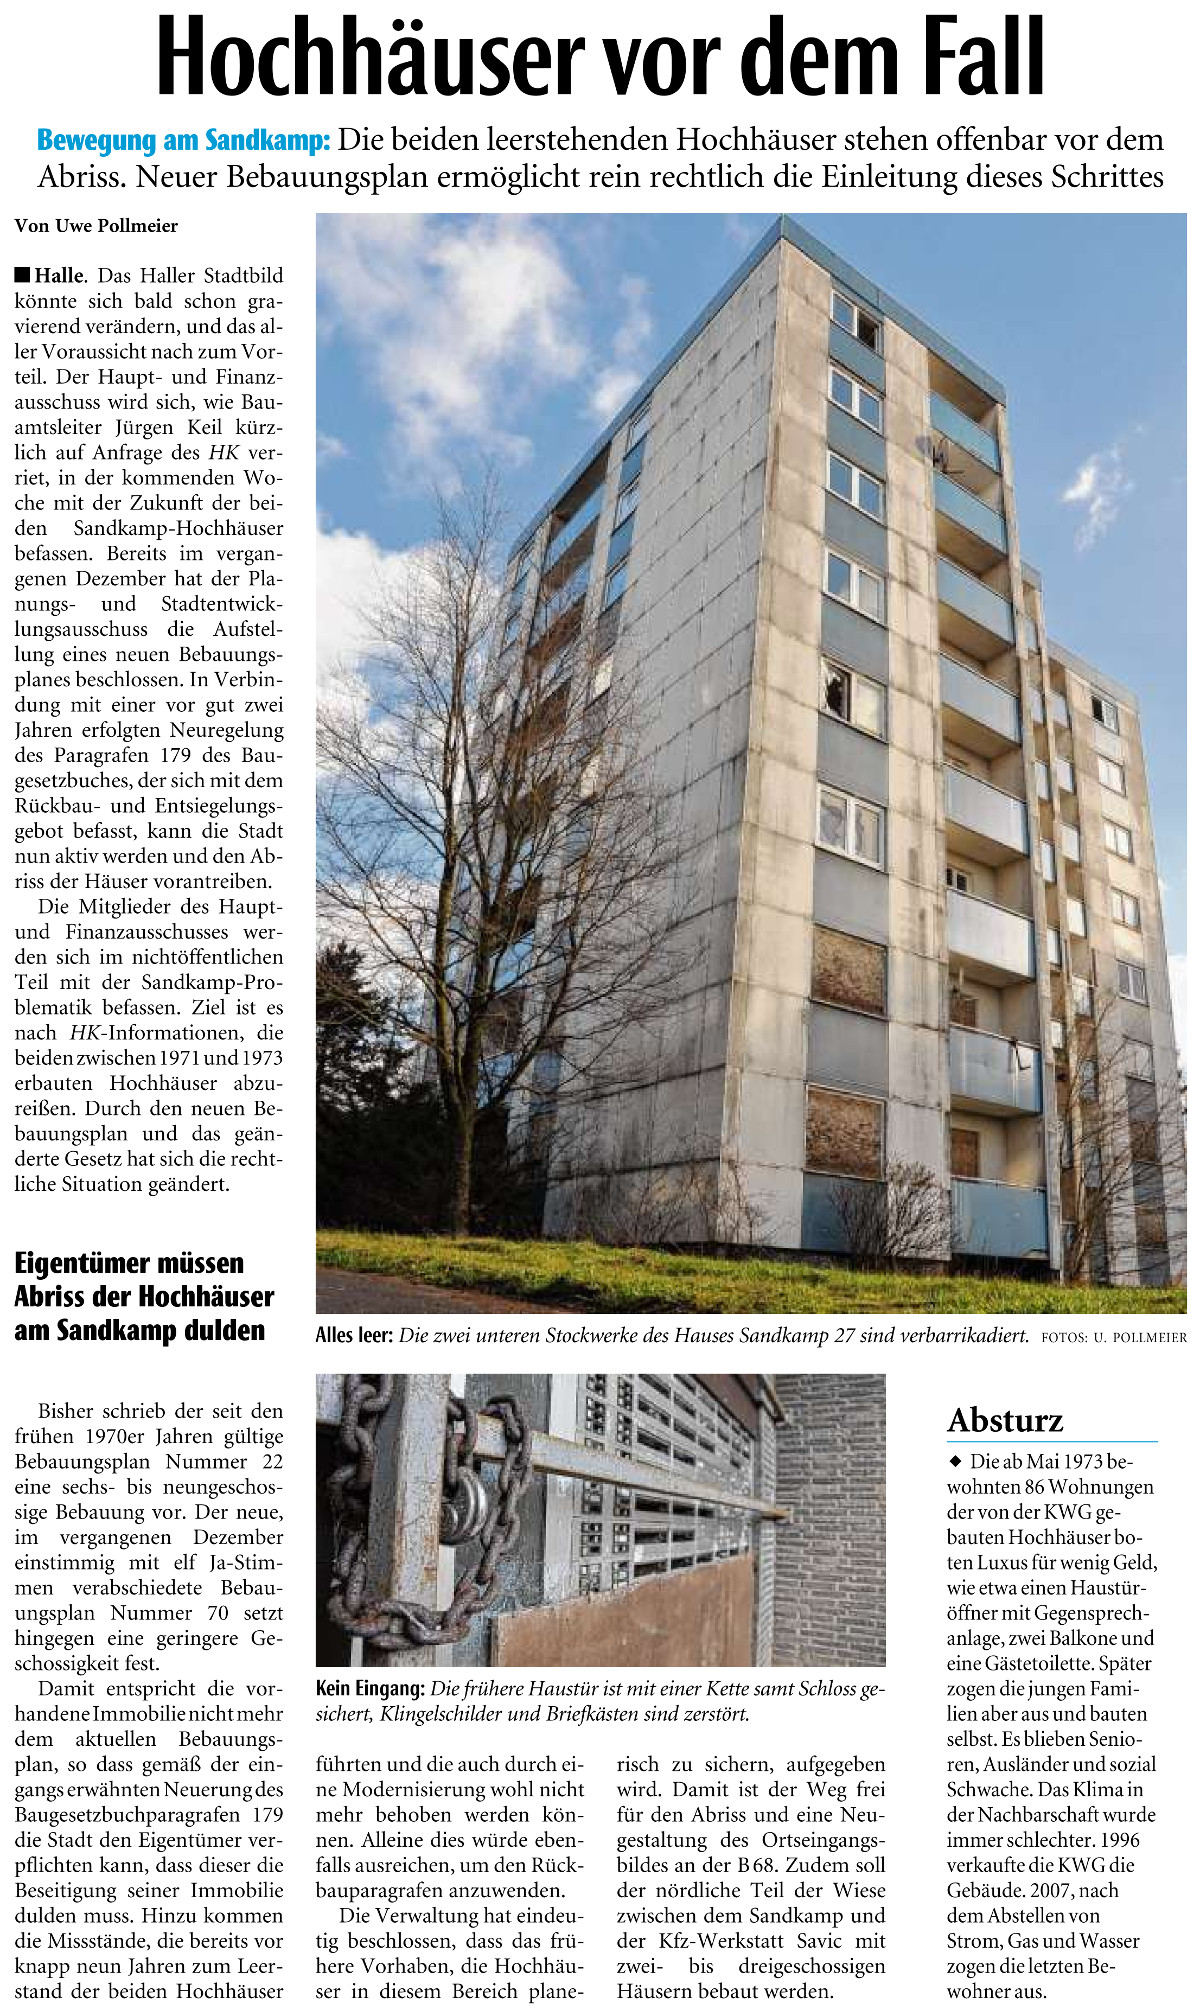 20160308 - HK - Hochhäuser vor dem Fall